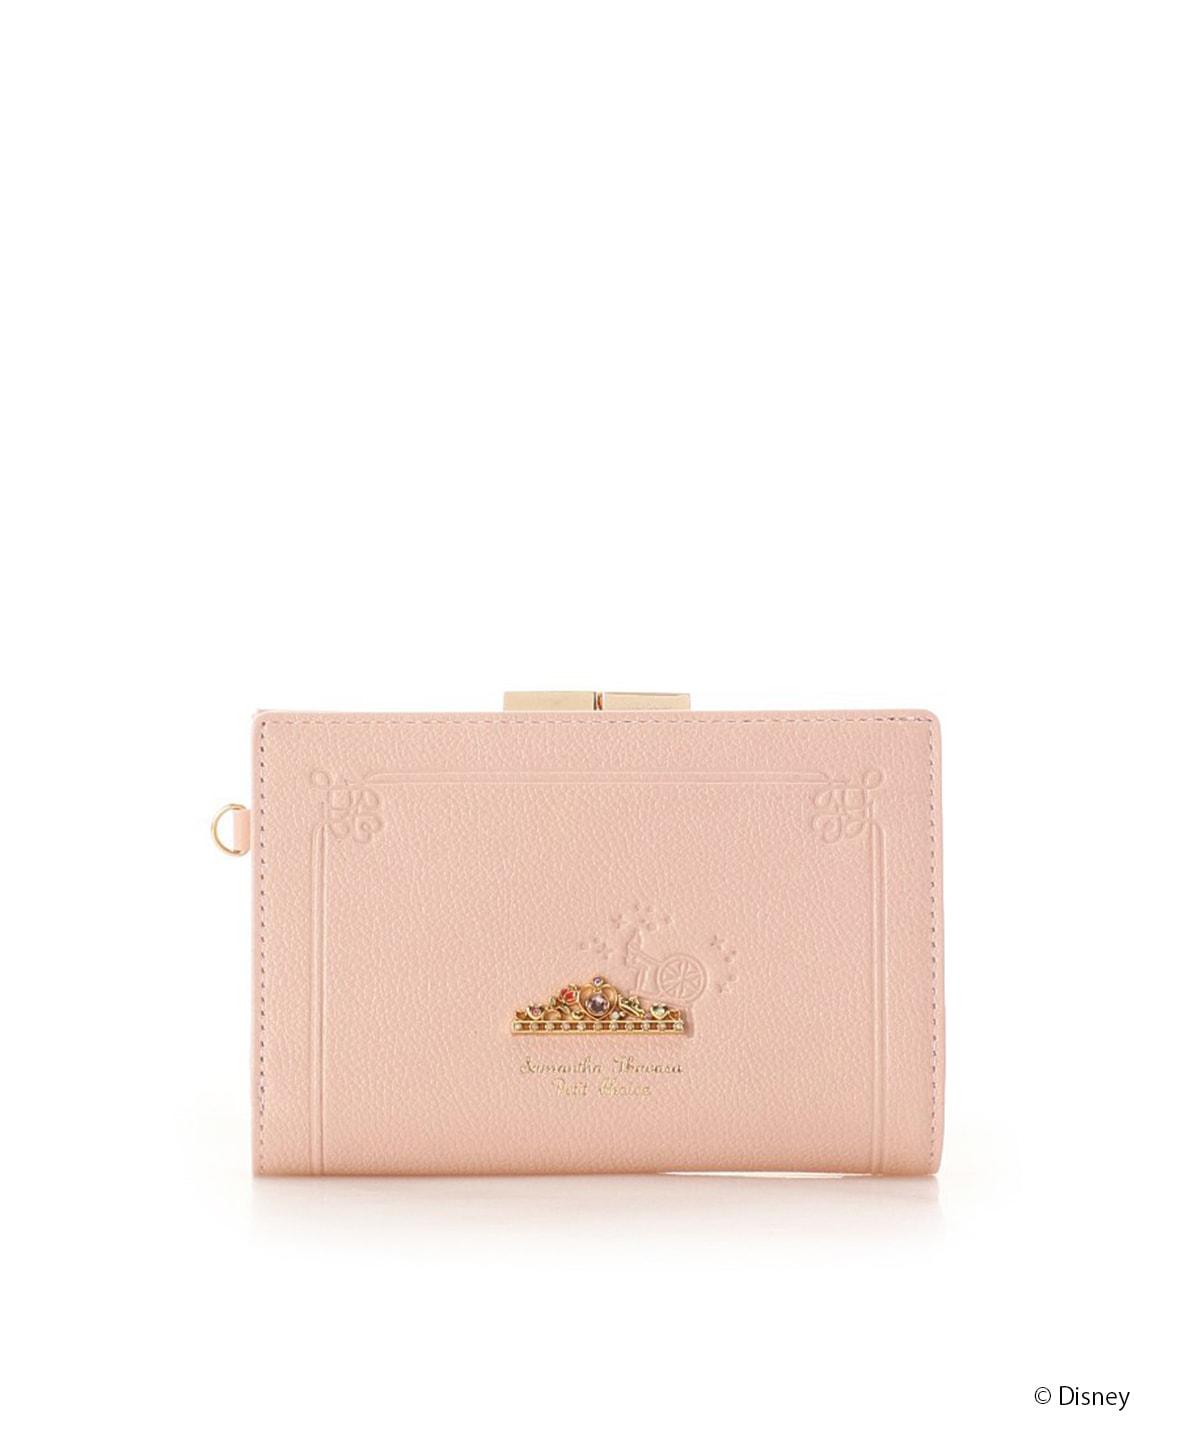 【ディズニーコレクション プリンセスシリーズ】口金中折財布 ジャスミン